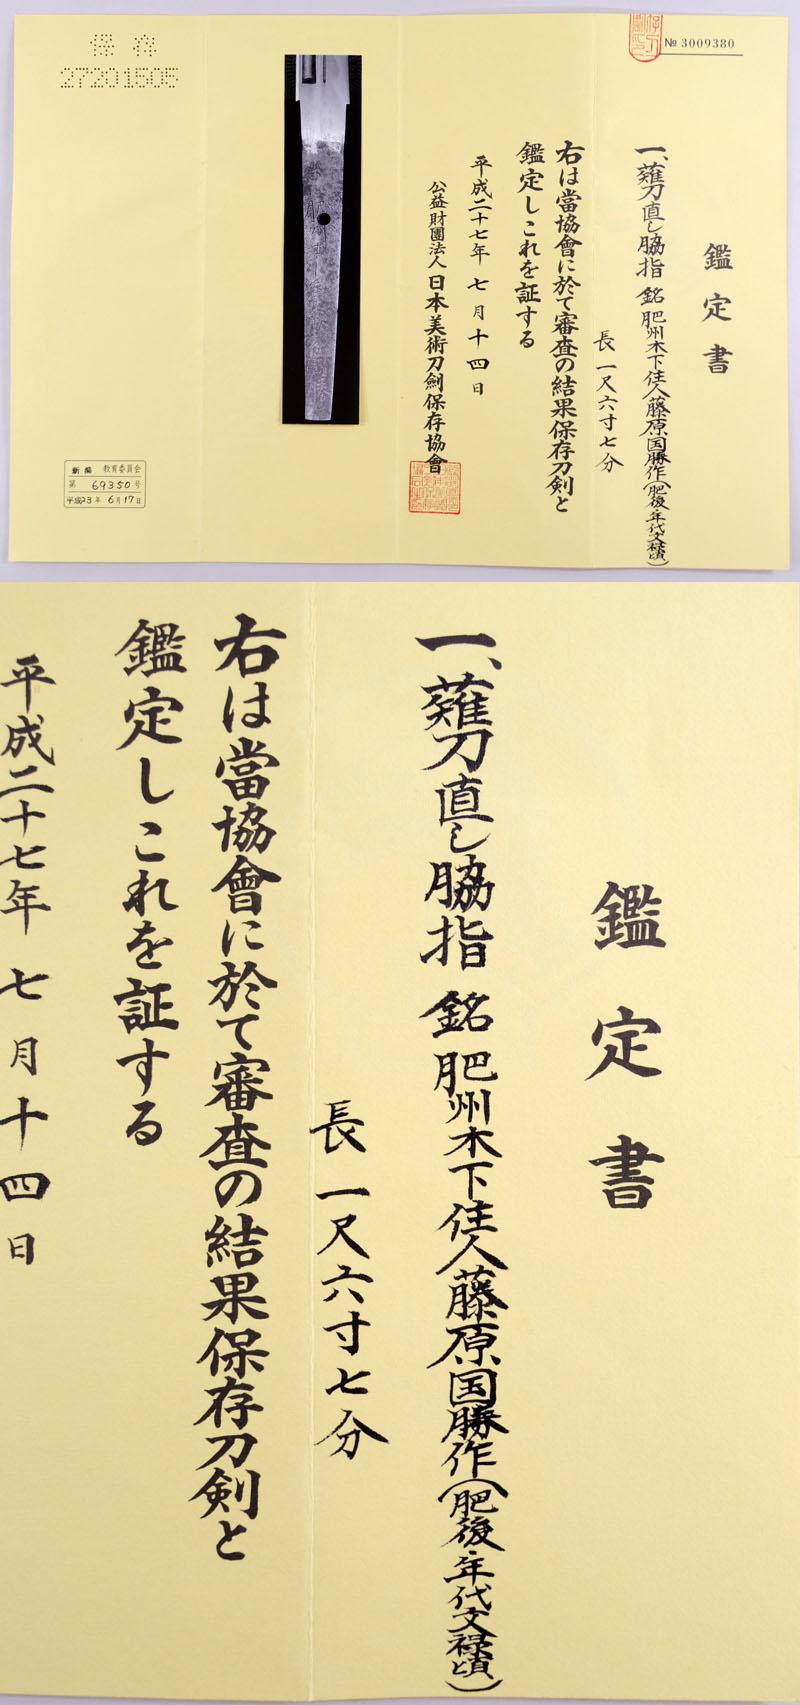 肥州木下住人藤原国勝作(同田貫正国初銘) Picture of Certificate